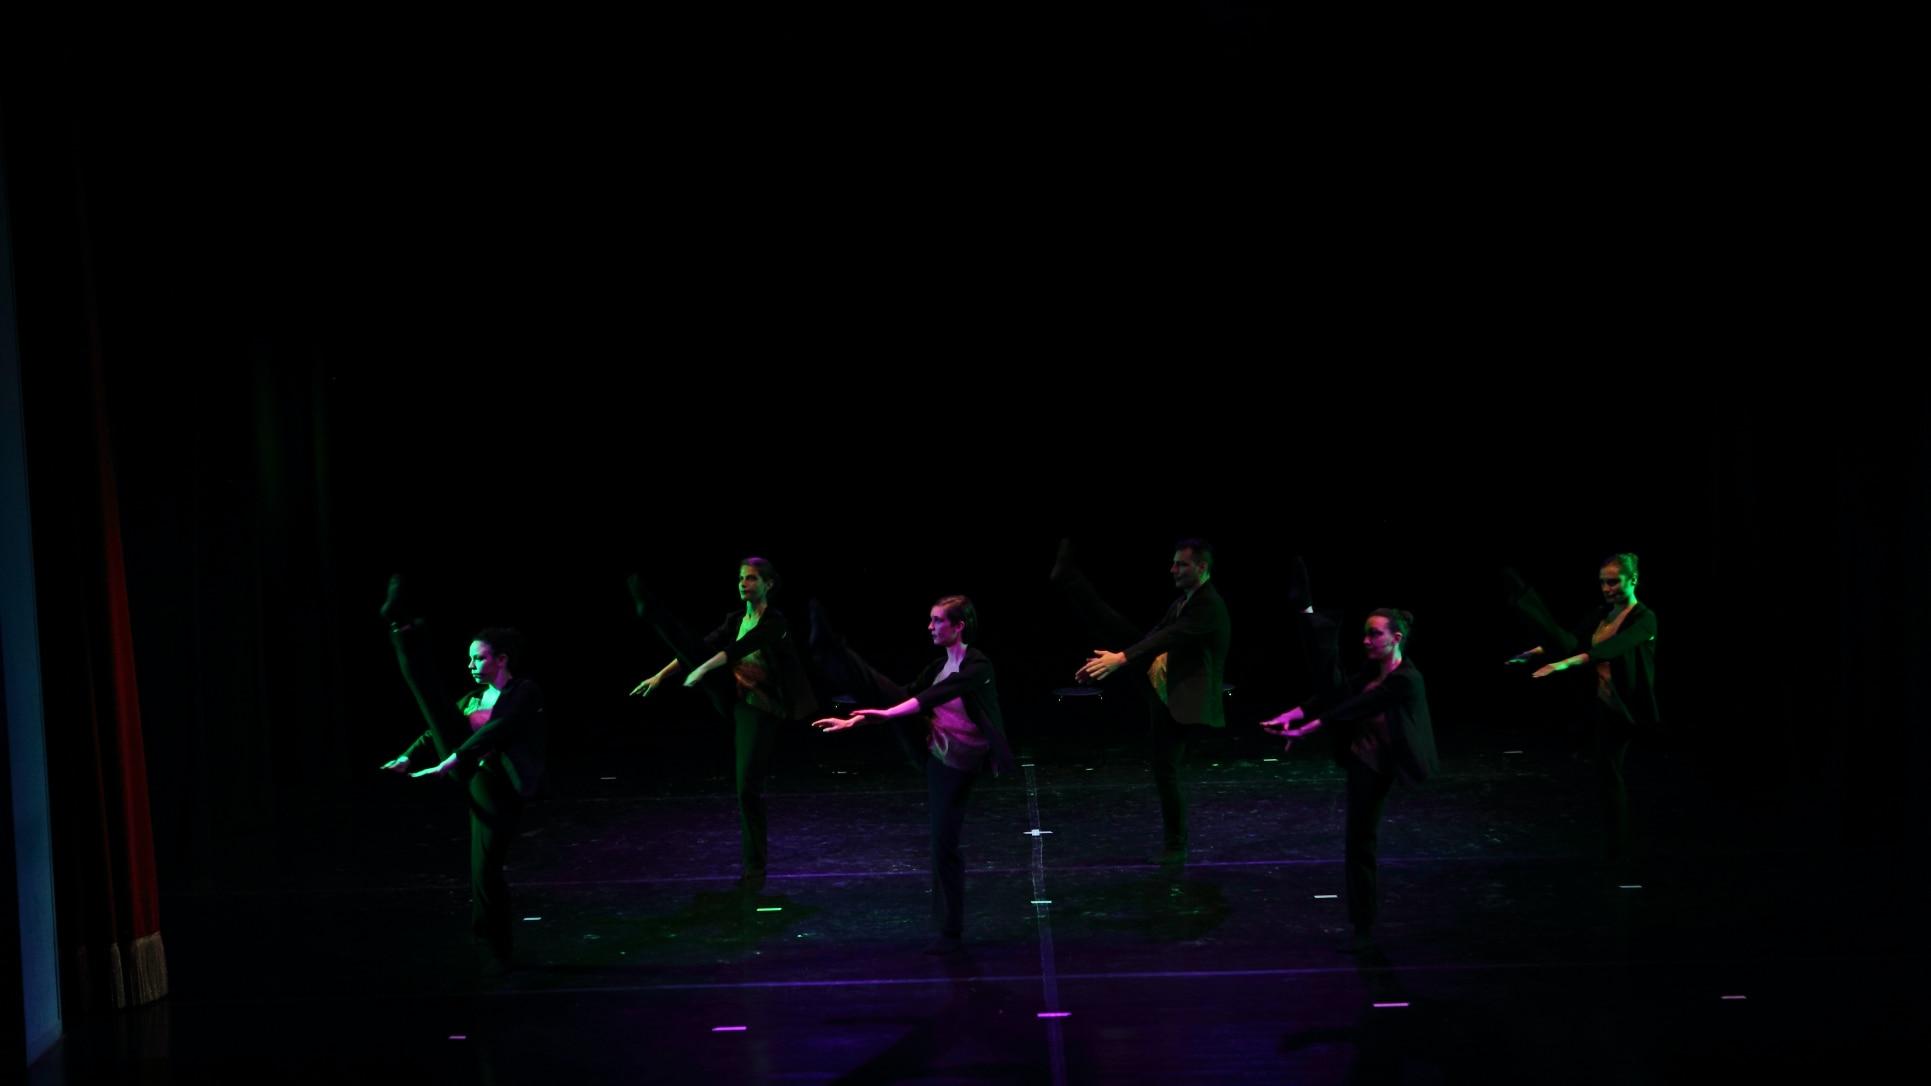 venti-in-danza-7@0.5x